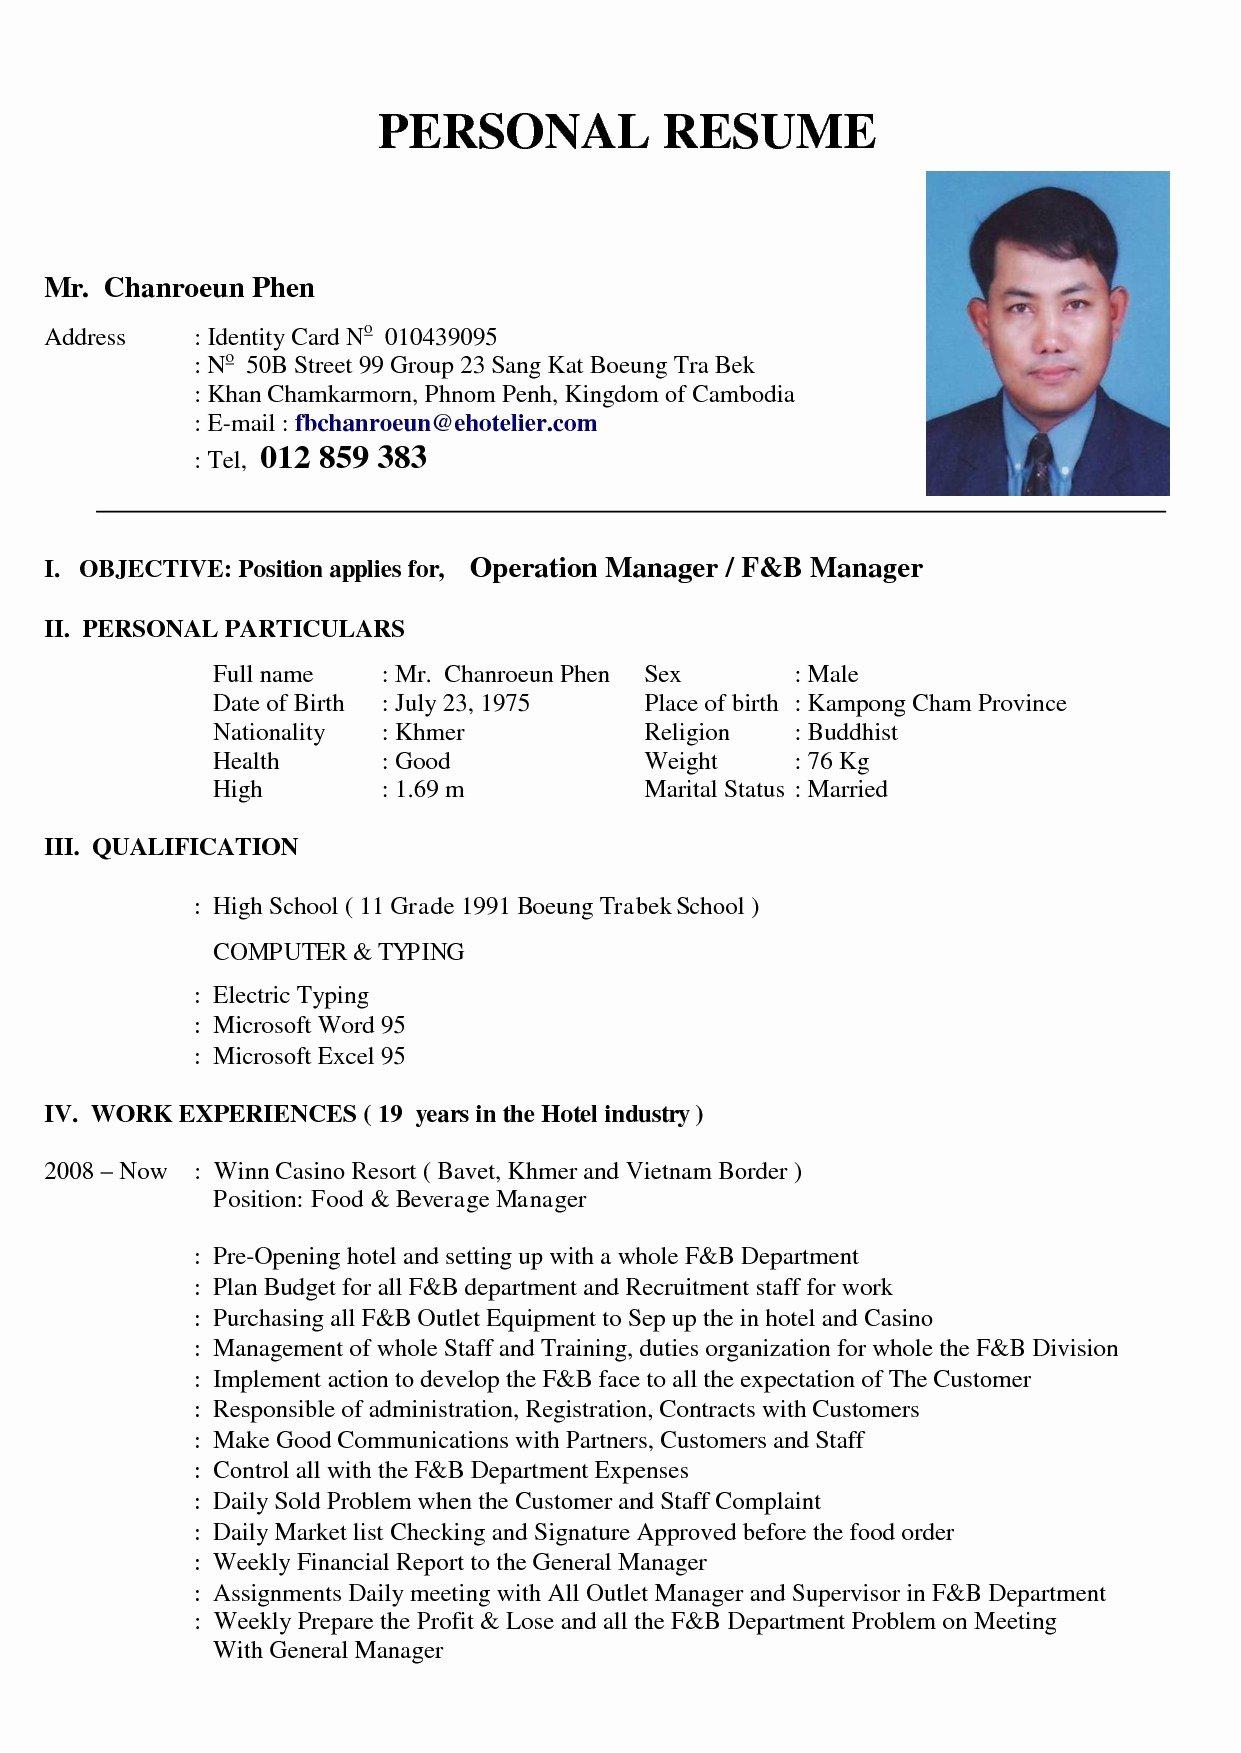 Hotel Management Resume format Pdf